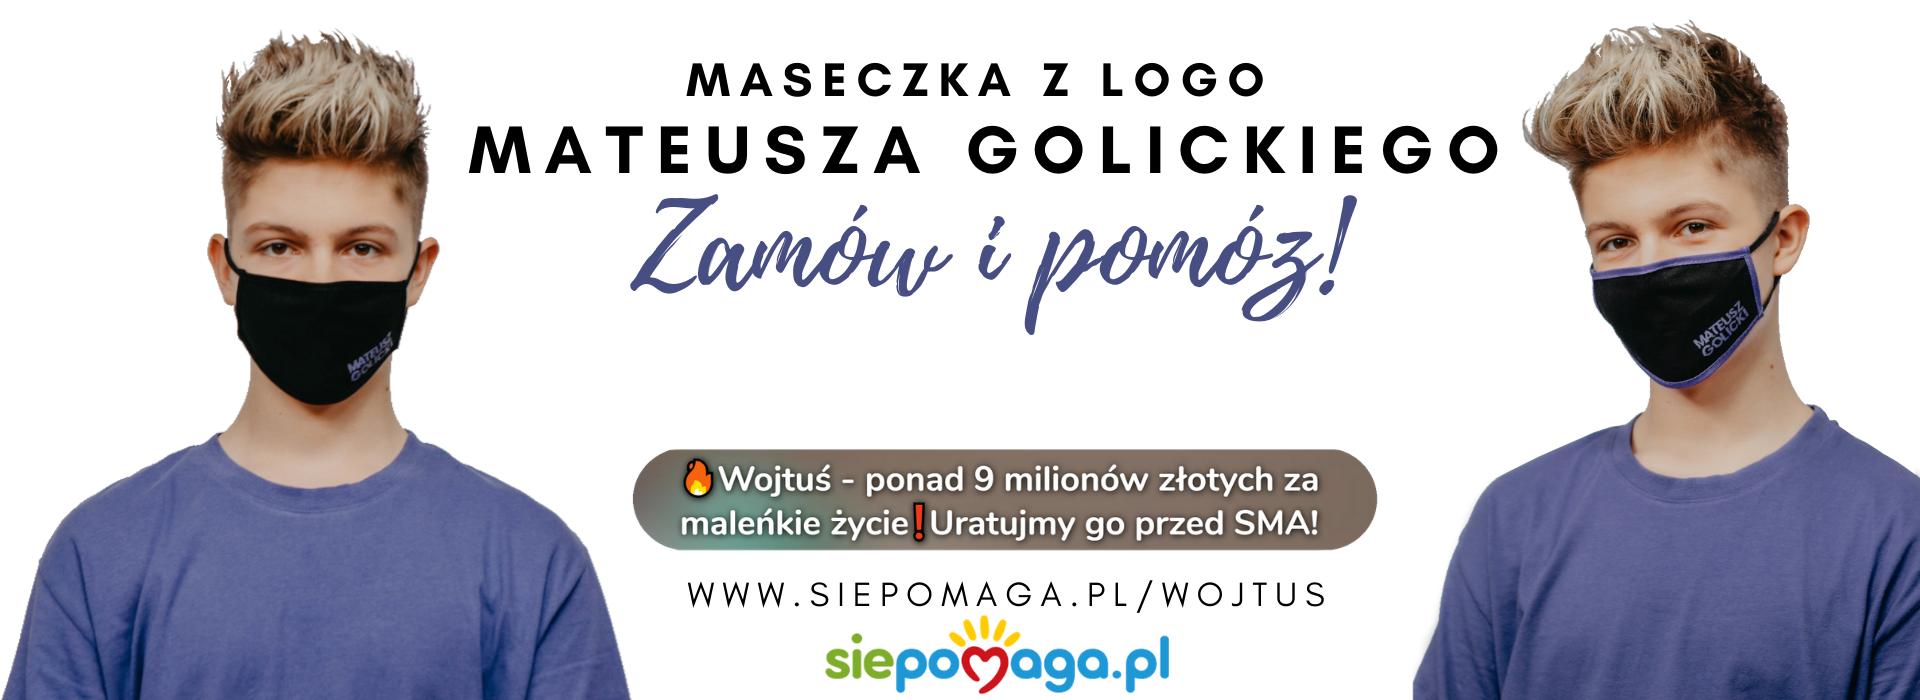 Maski Mateusz Golicki